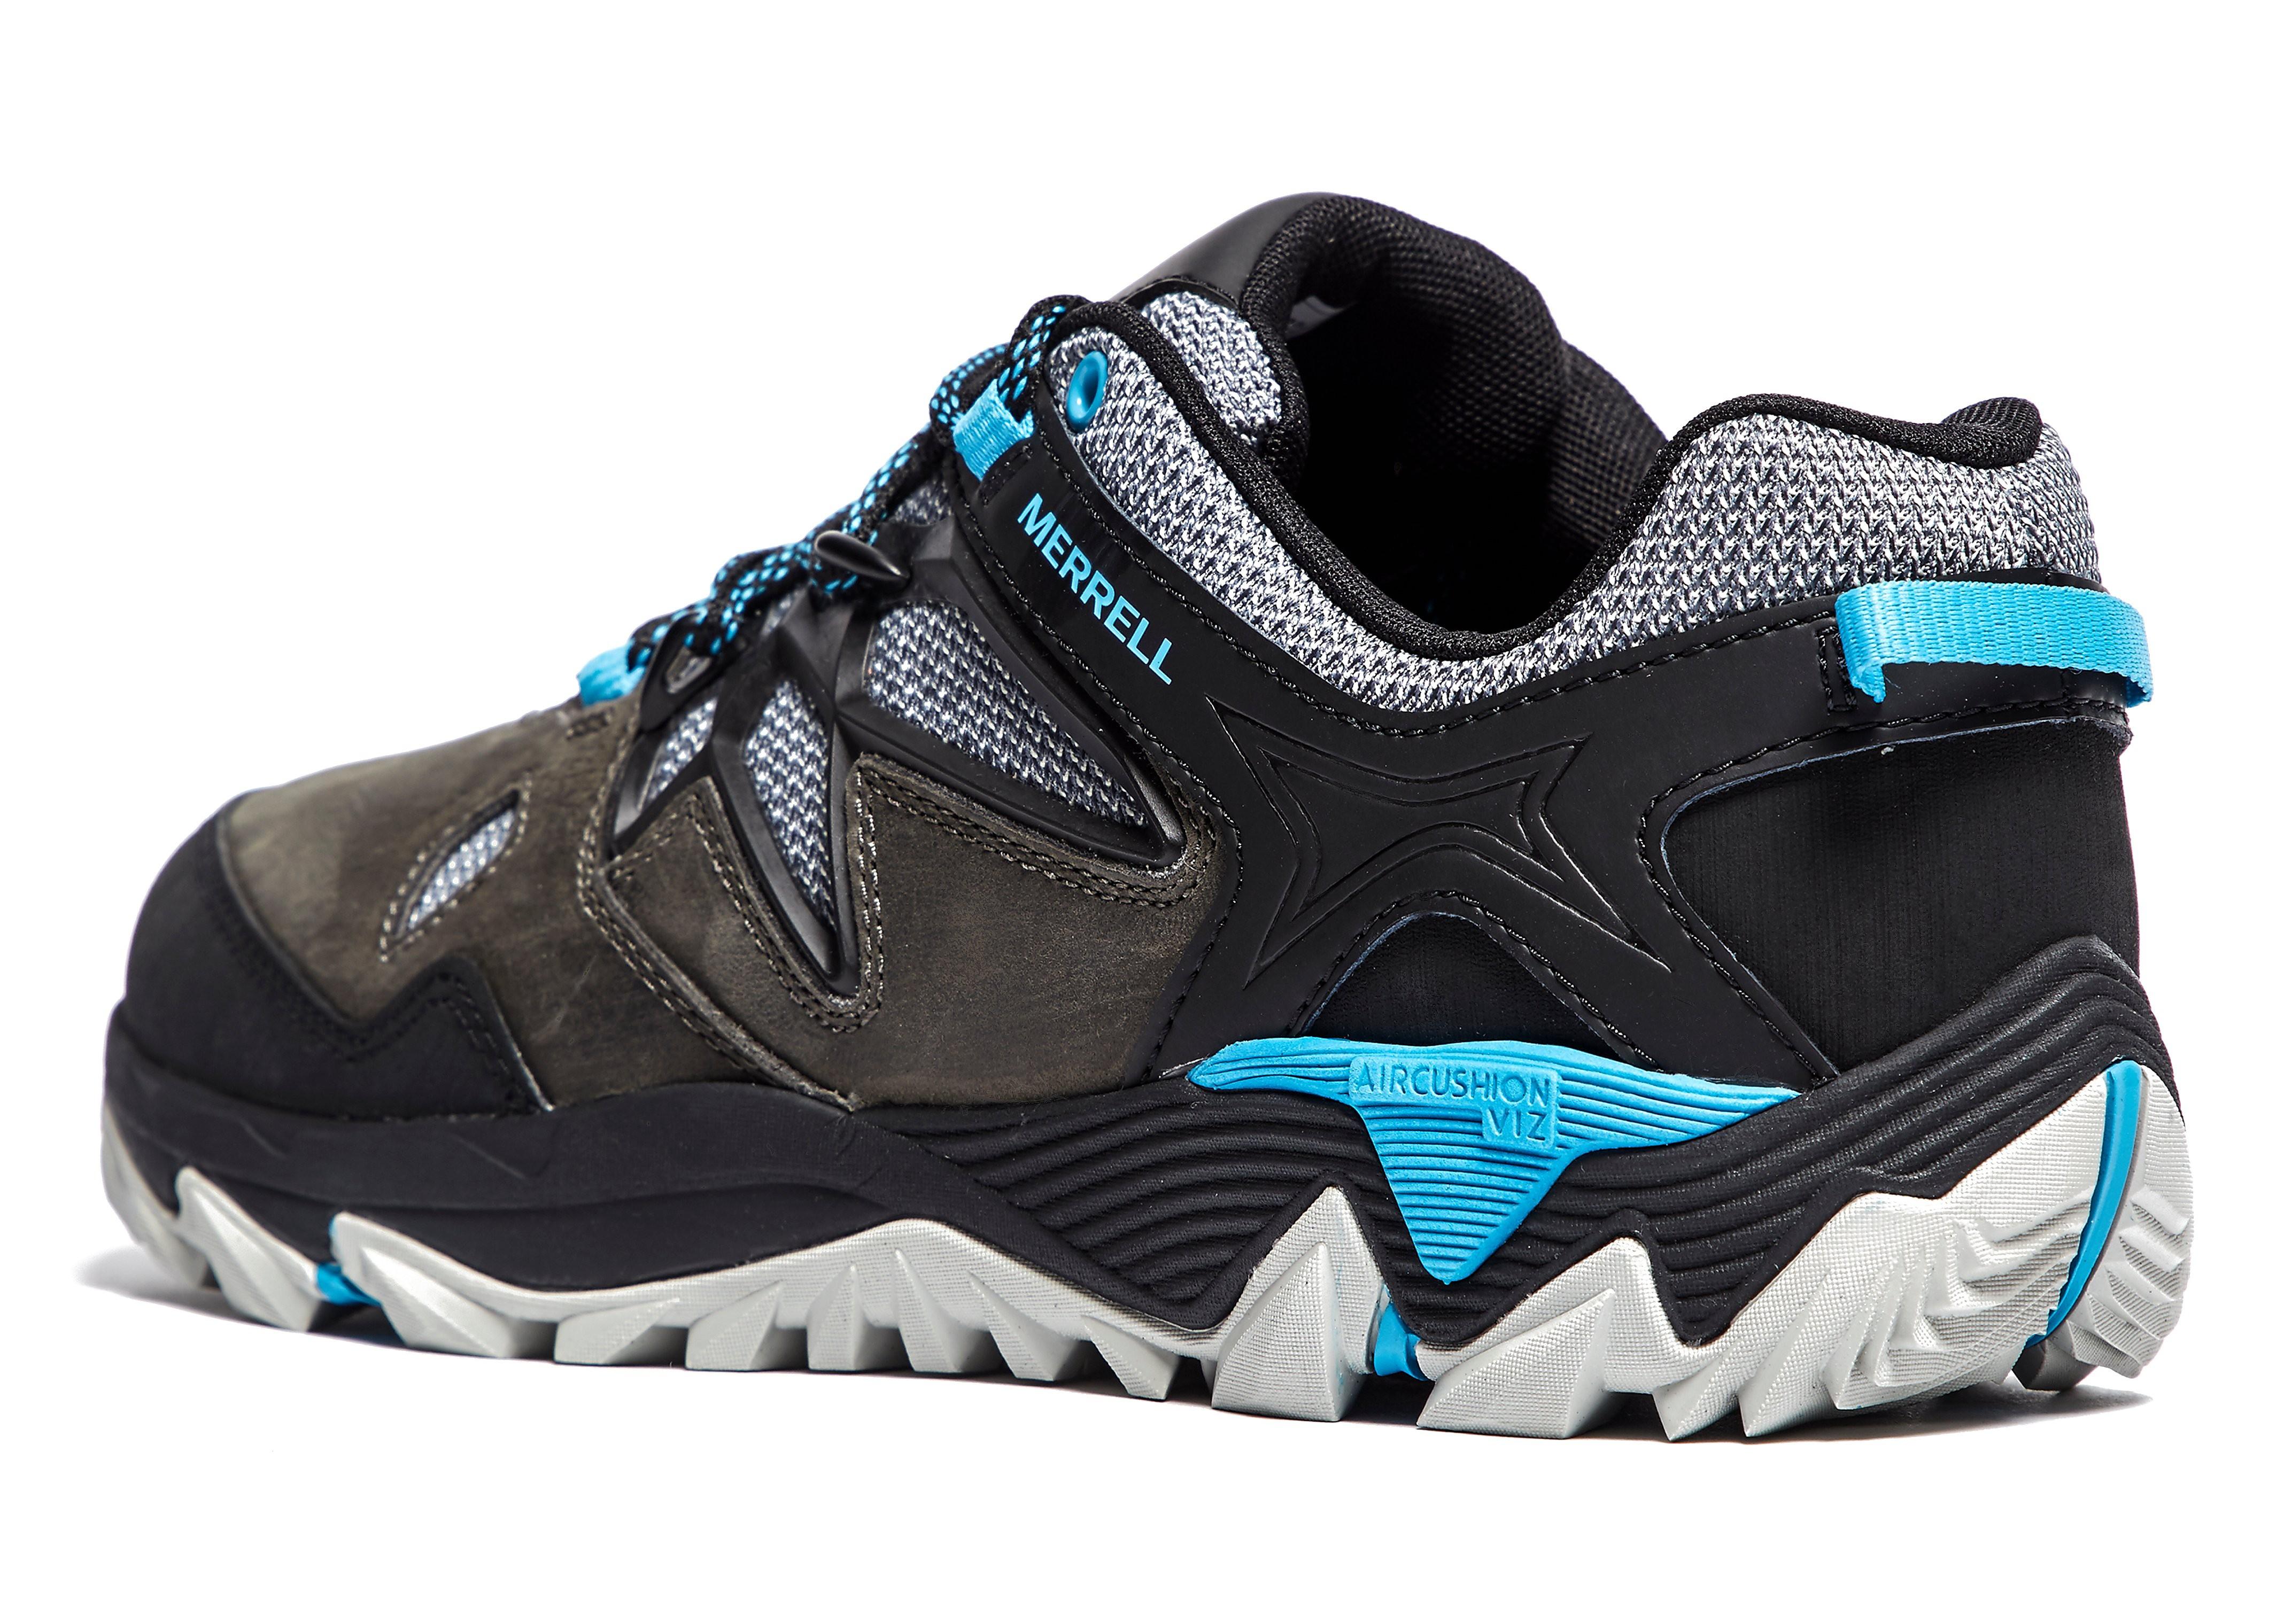 Merrell All Out Blaze 2 GTX Walking Shoes